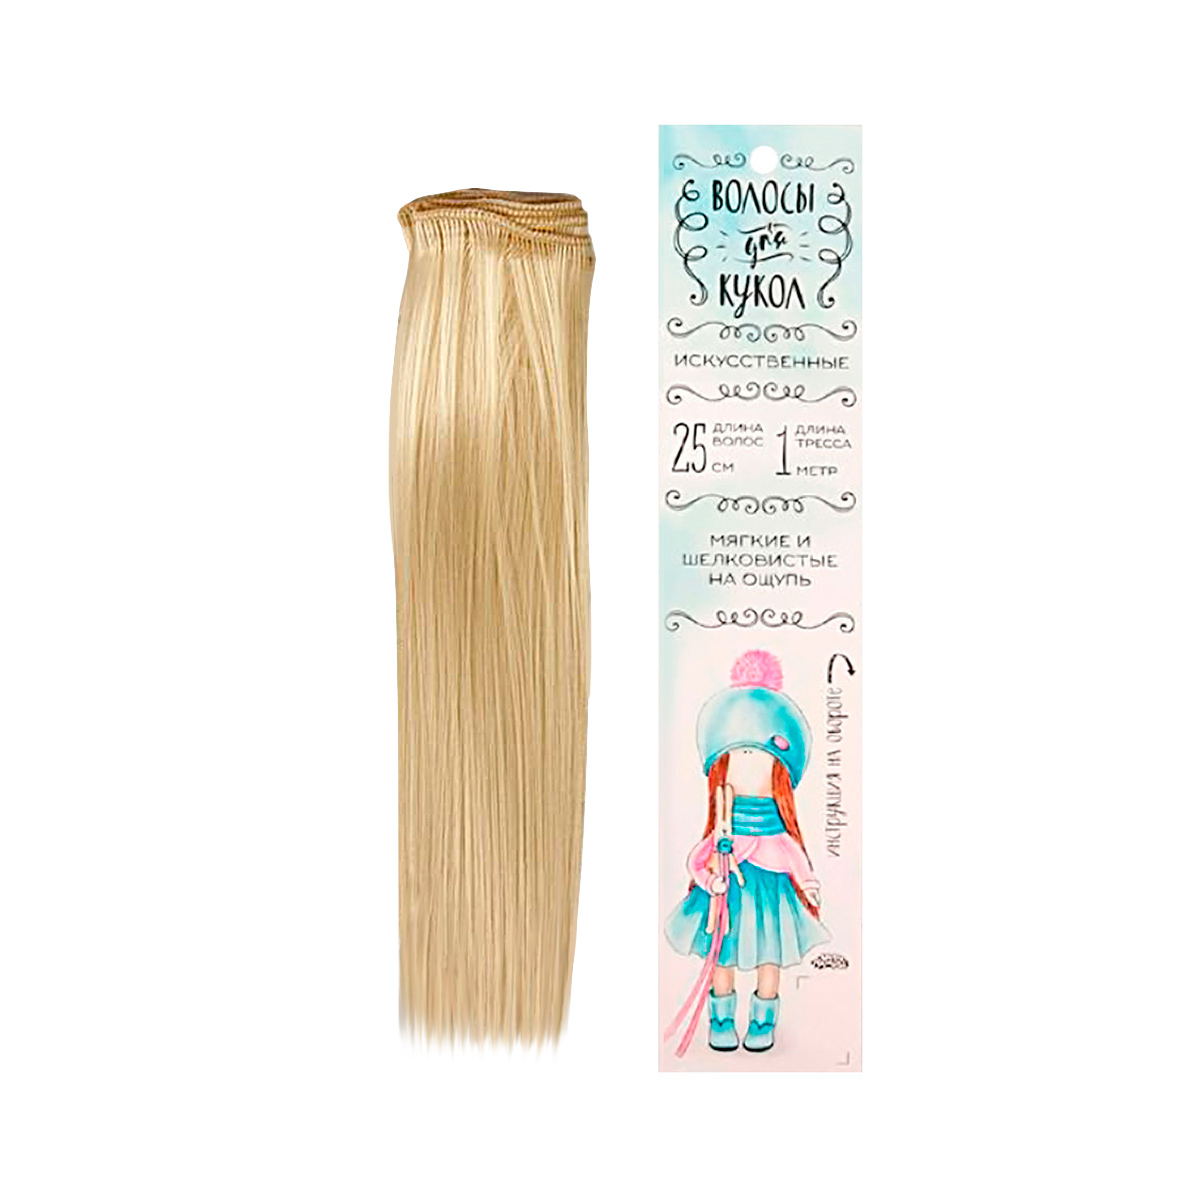 2294915 Волосы - тресс для кукол 'Прямые' длина волос 25 см, ширина 100 см, цвет № 613А